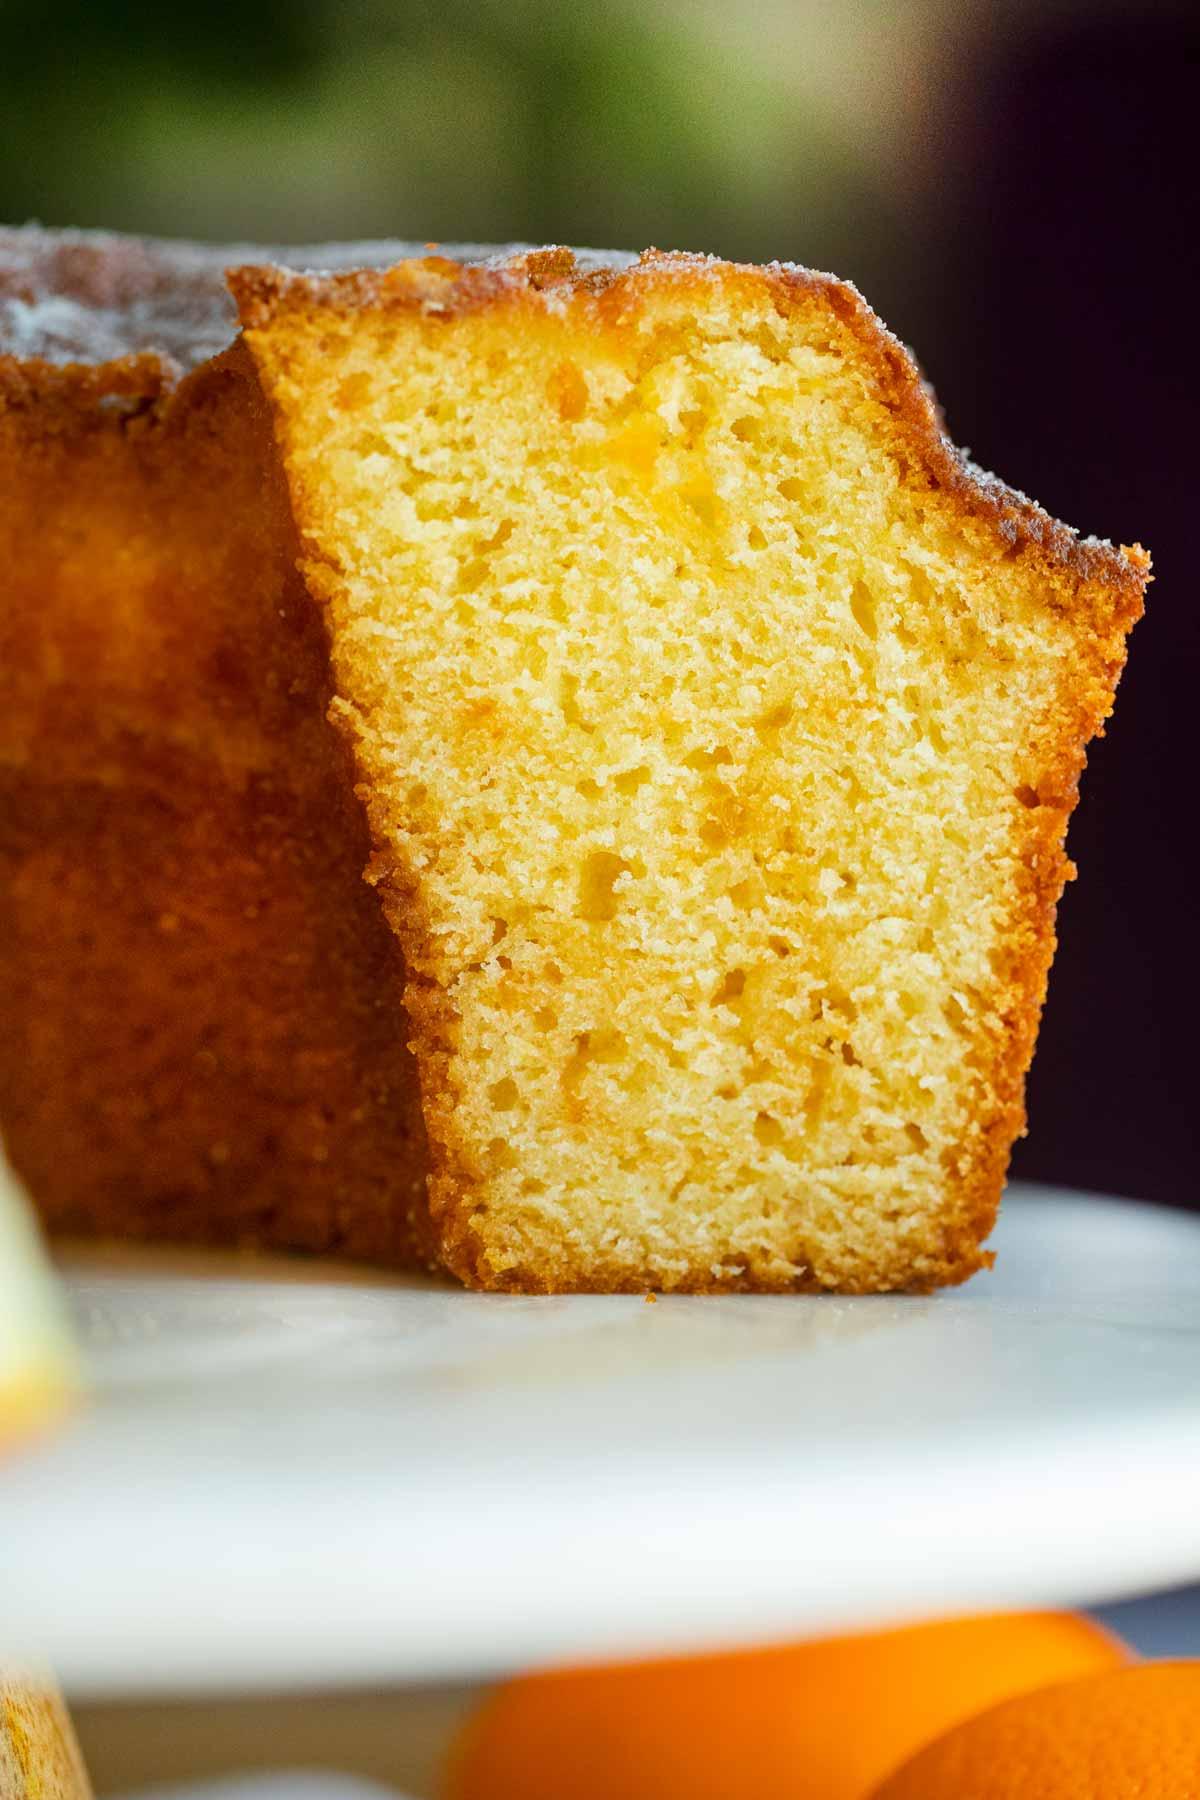 Orange Bundt Cake on cake stand, sliced